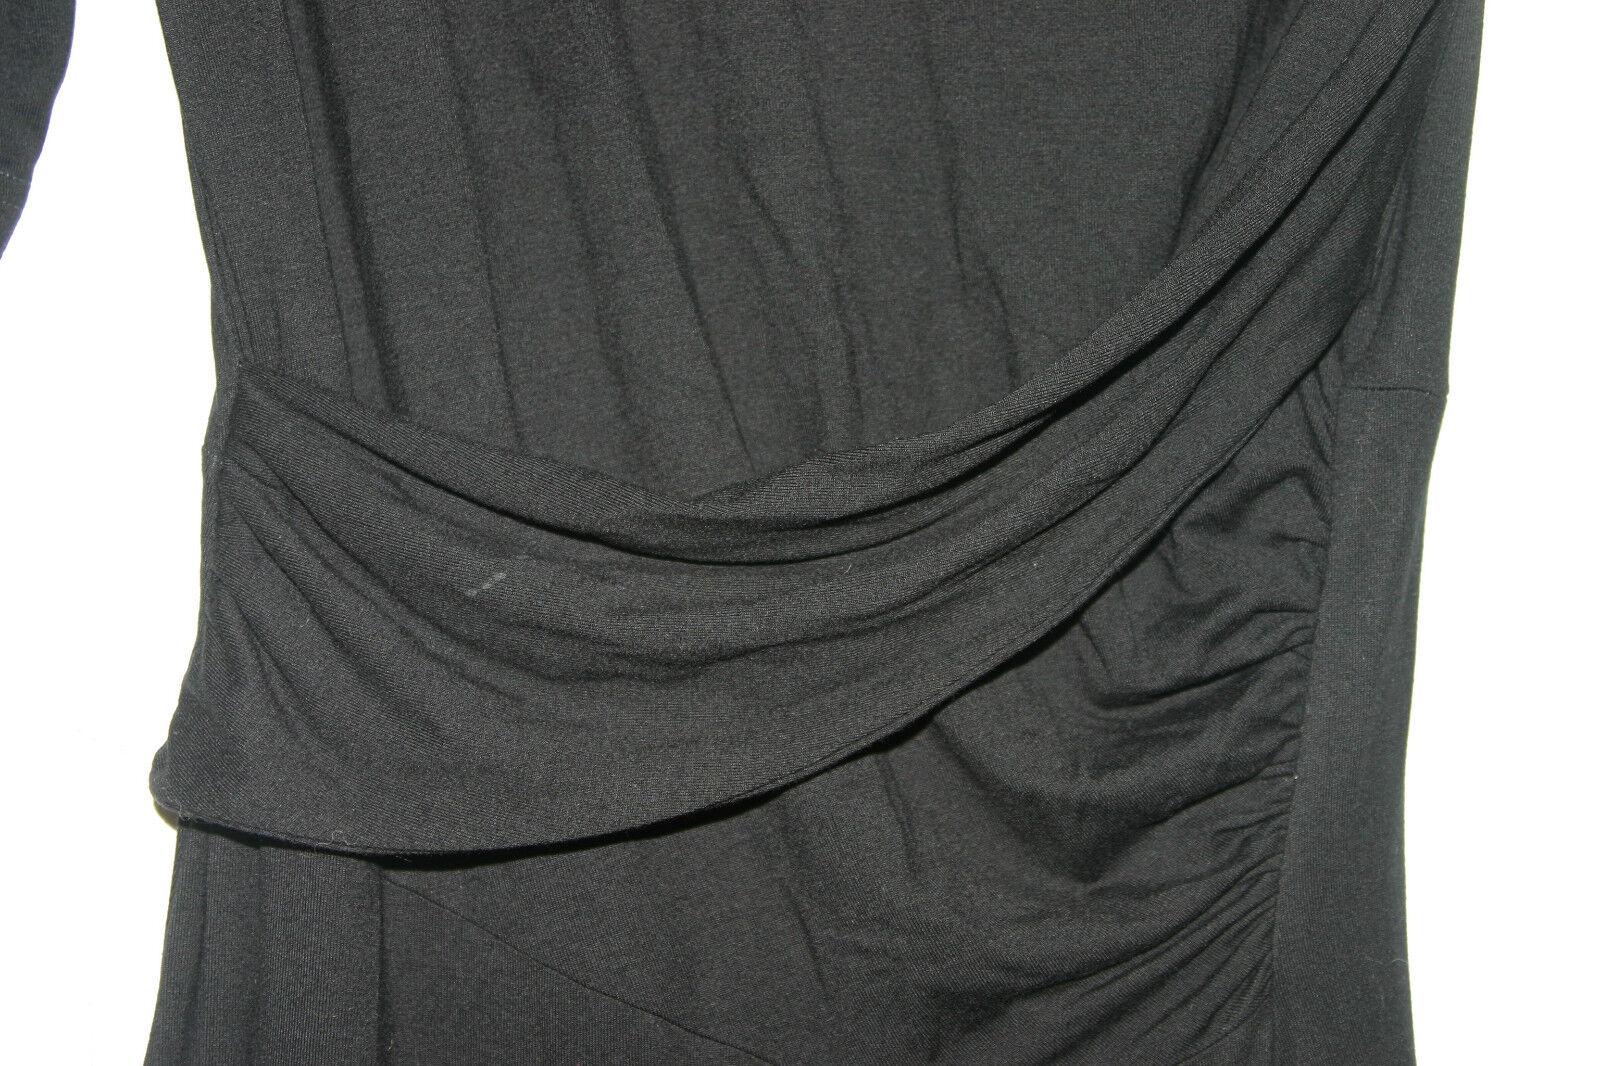 Vivienne Westwood Anglomania Vestido Negro con  cuello rojoondo, Envoltura Frente, Abertura-Med  encuentra tu favorito aquí